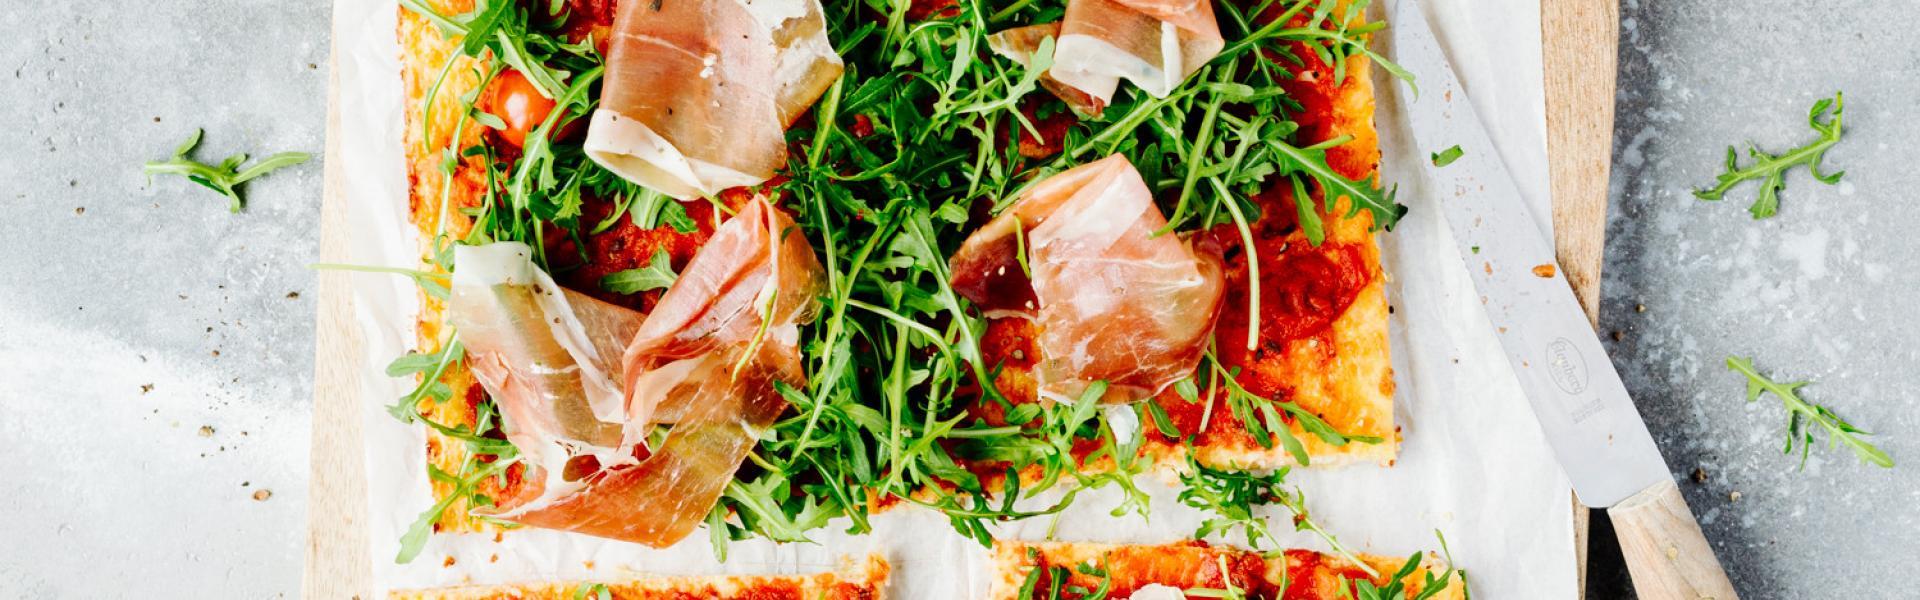 Low Carb Pizza mit Hüttenkäse auf einem Brett in Stücke geschnitten.